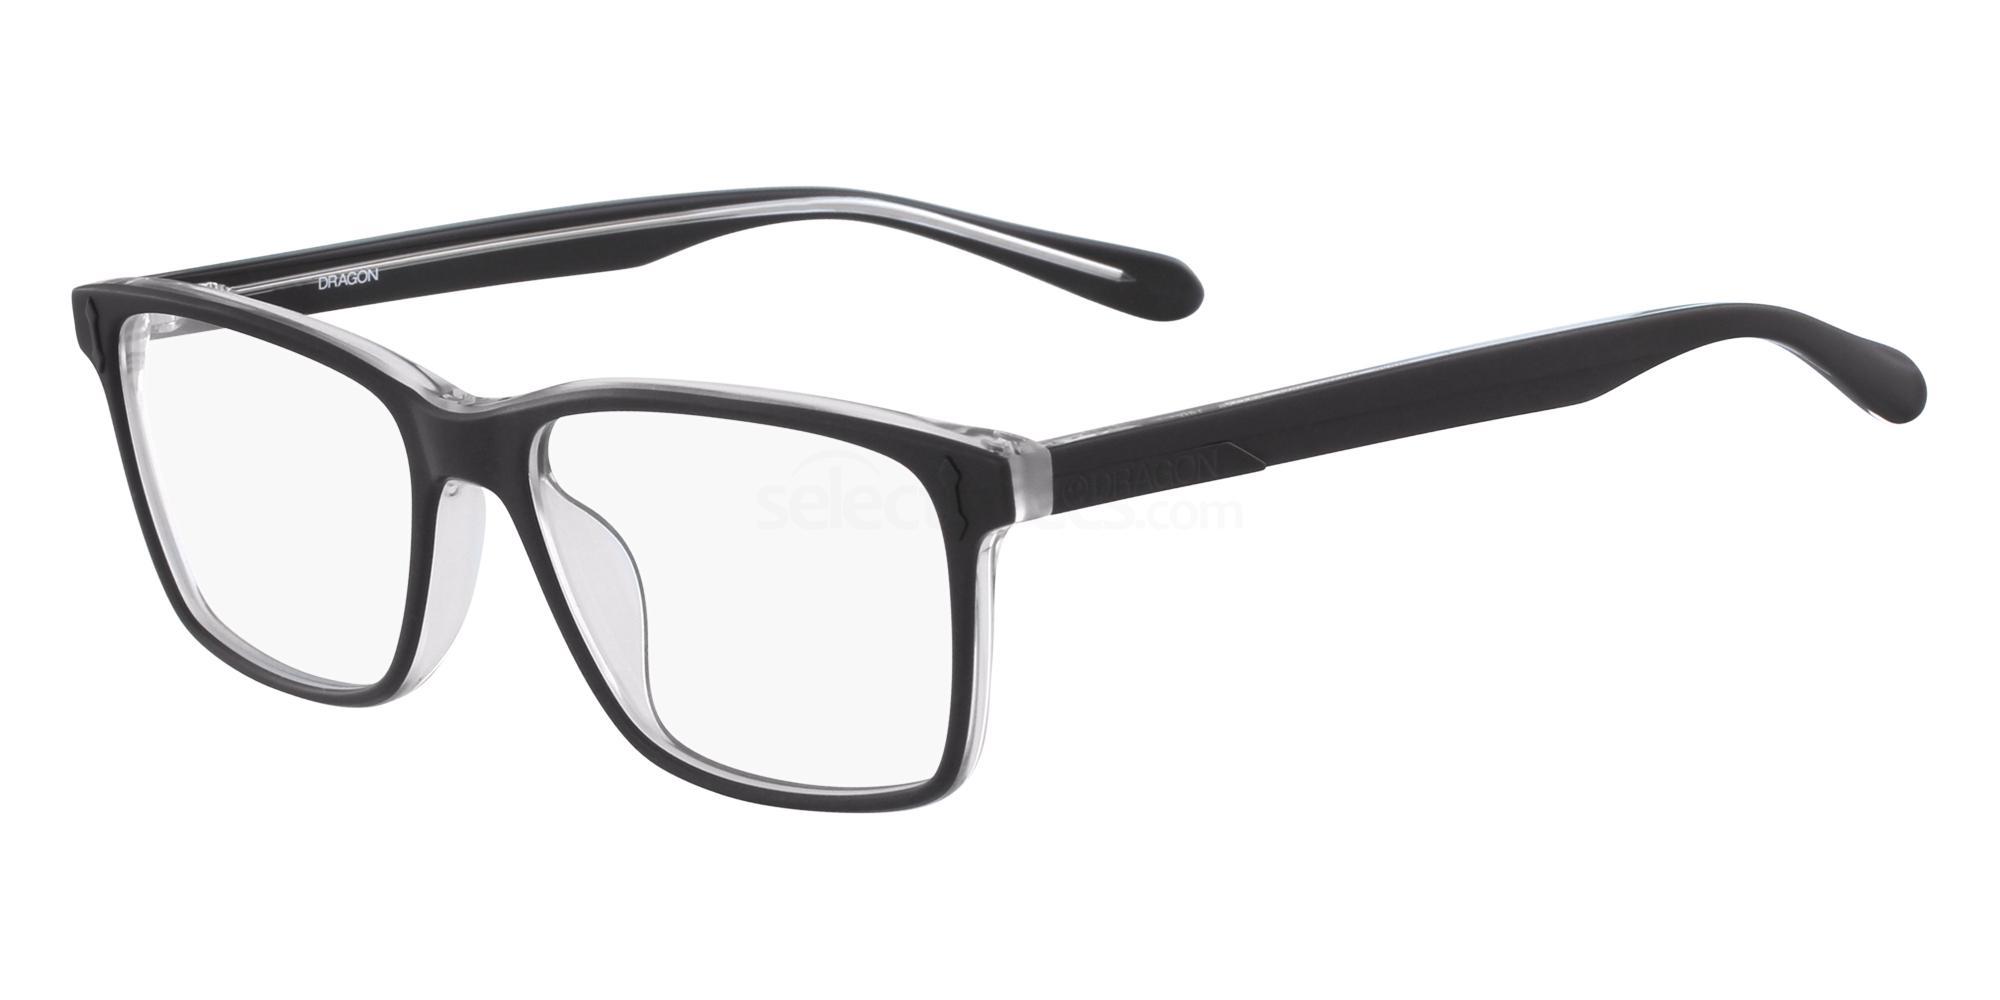 002 DR182 STEVE Glasses, Dragon